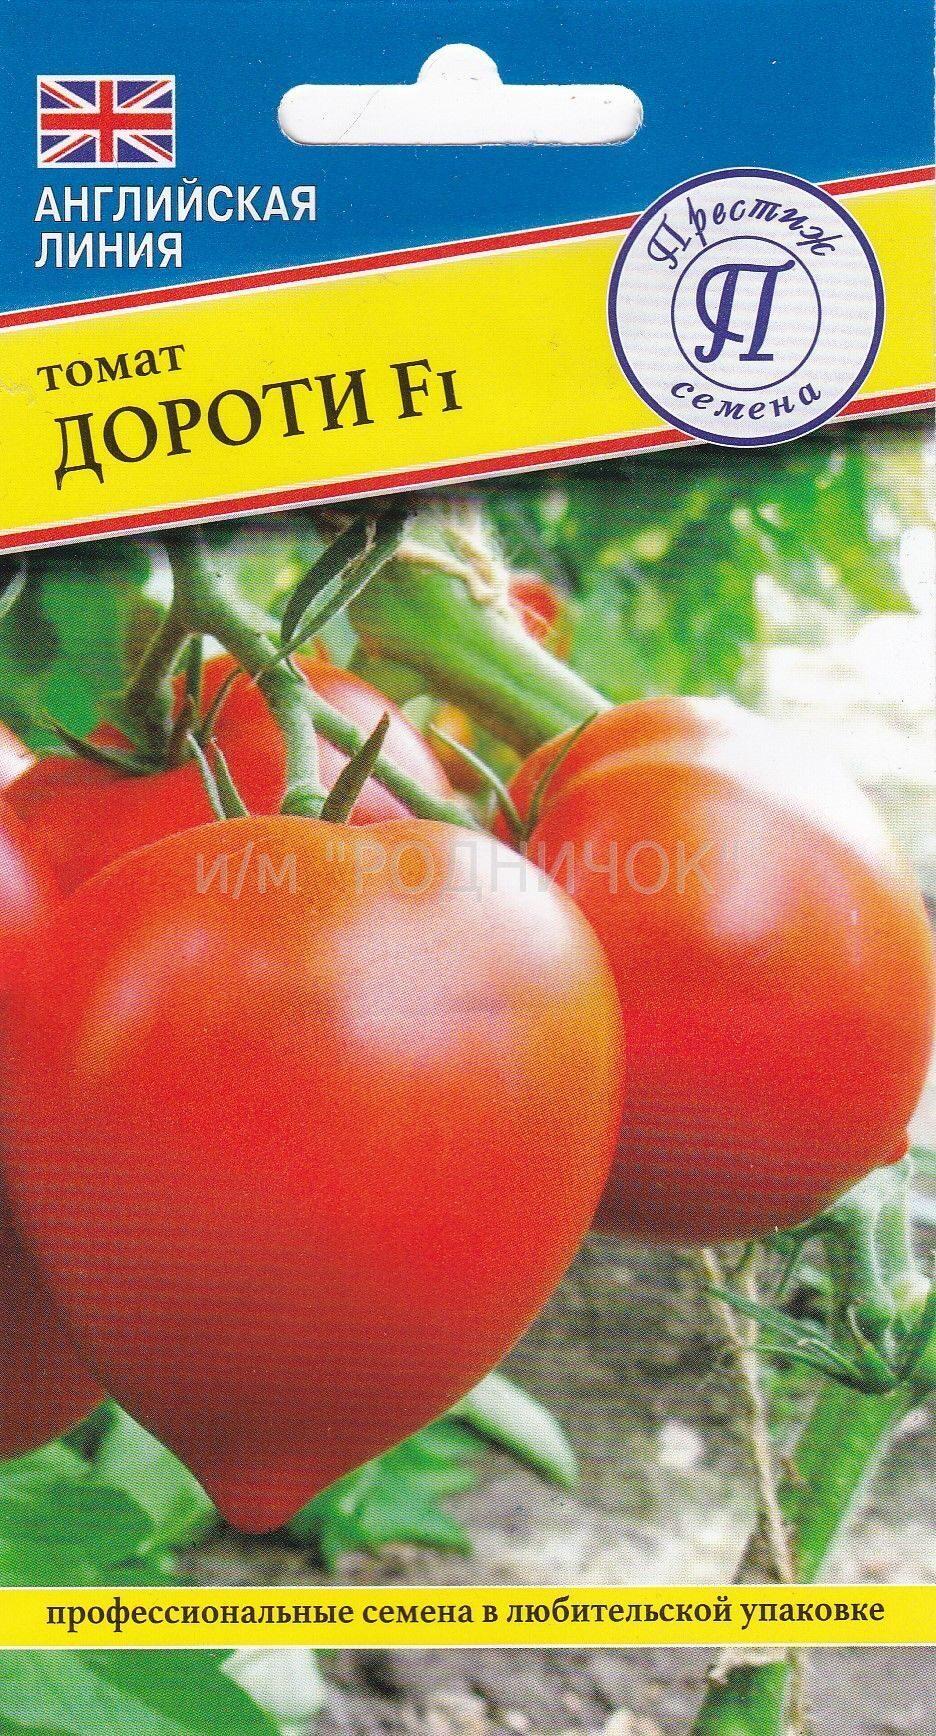 Престиж семена официальный сайт